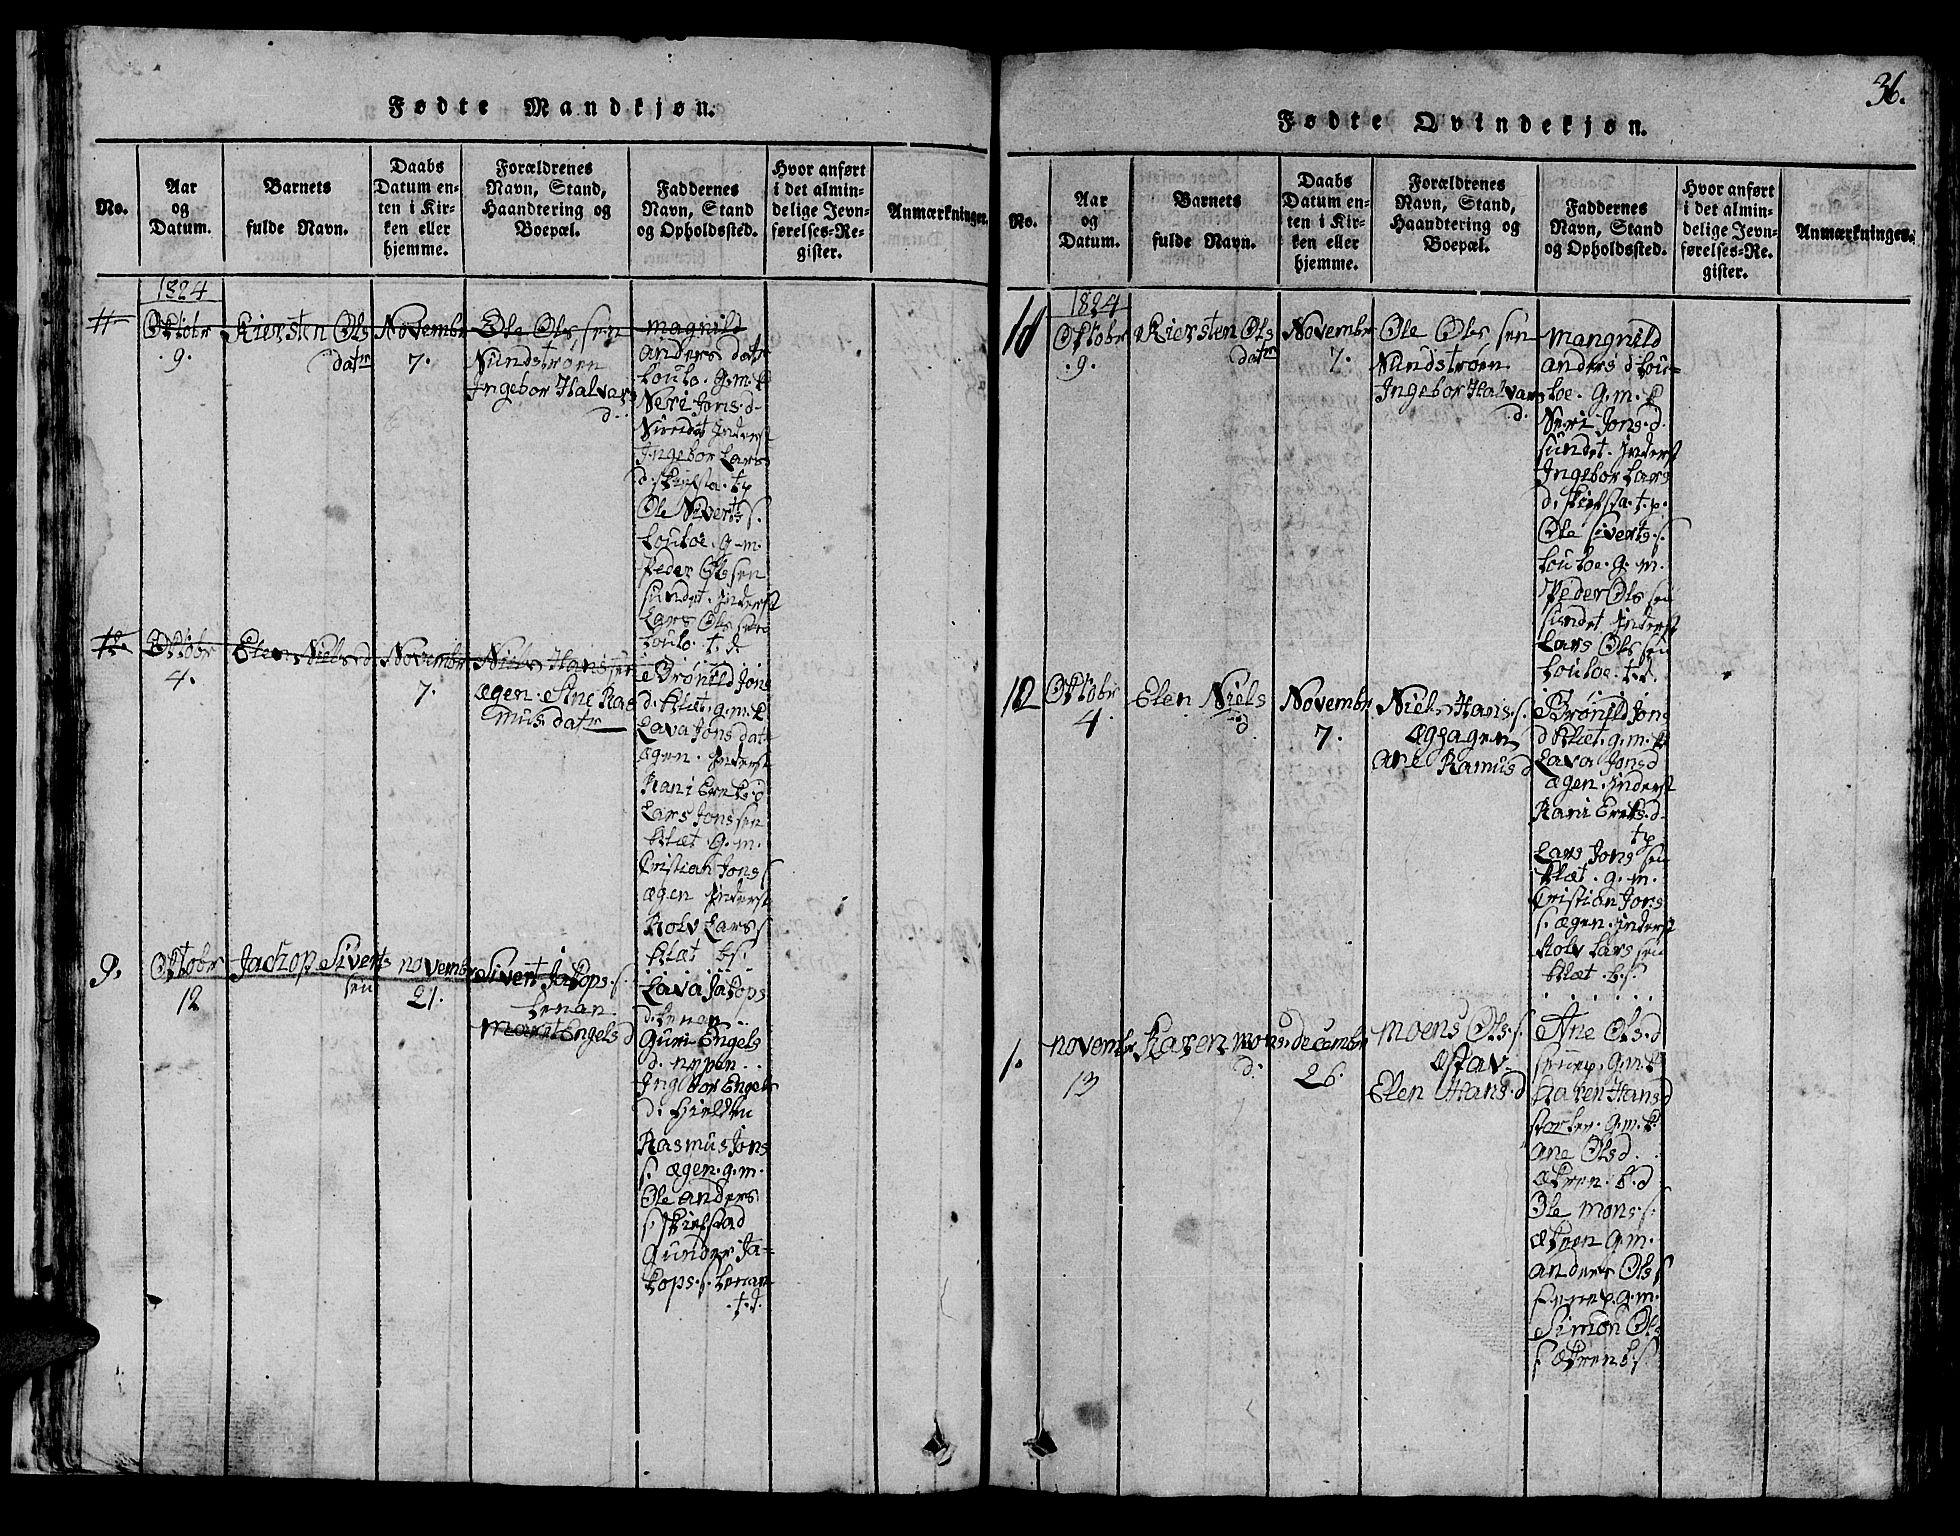 SAT, Ministerialprotokoller, klokkerbøker og fødselsregistre - Sør-Trøndelag, 613/L0393: Klokkerbok nr. 613C01, 1816-1886, s. 36